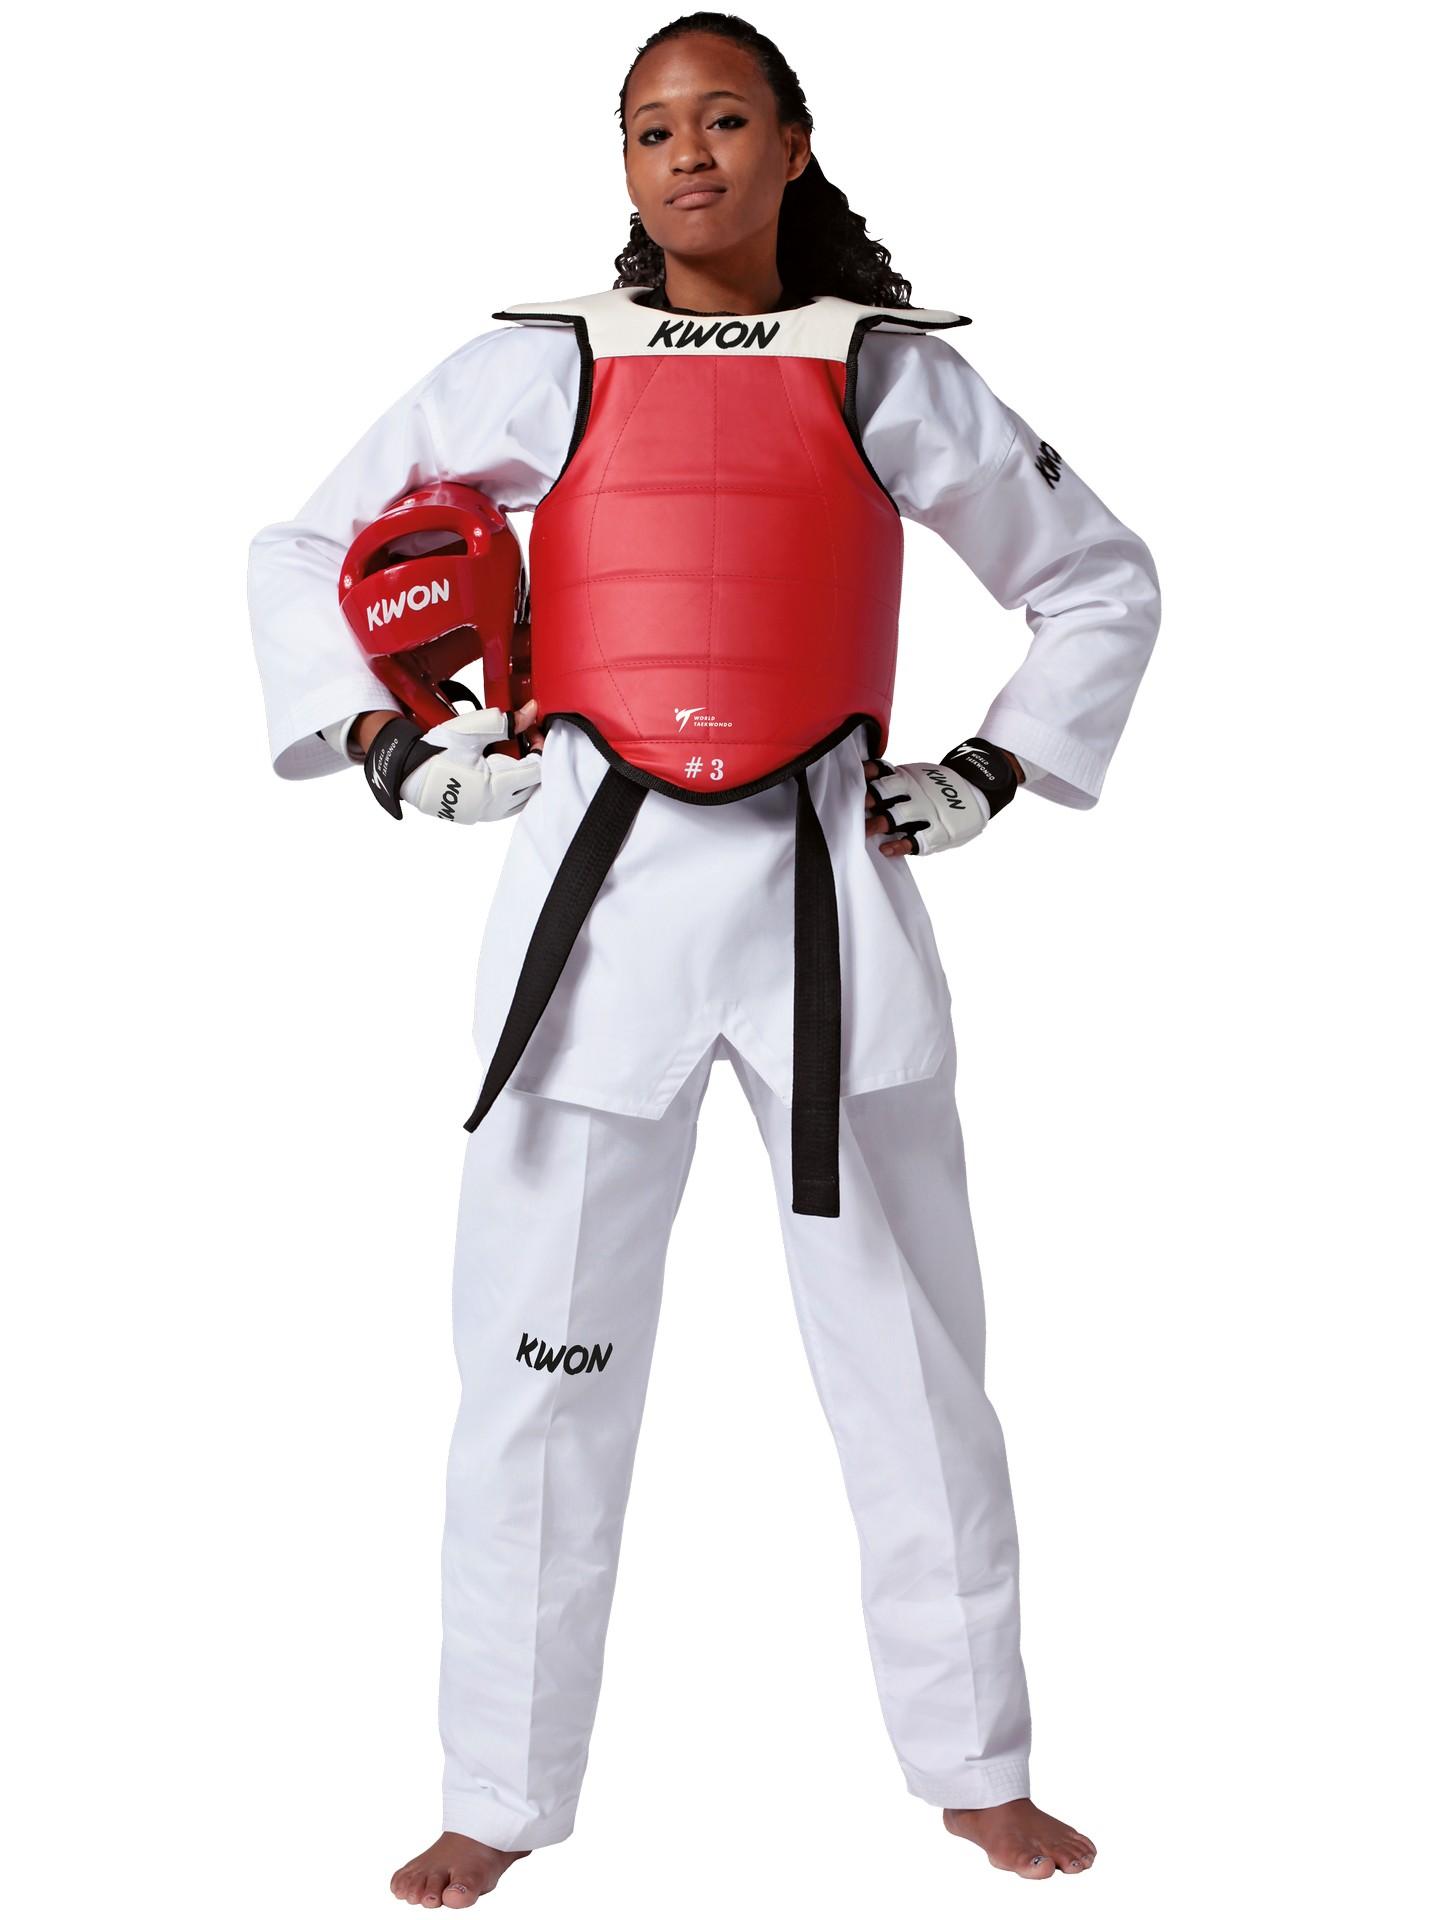 Kickboxen Herrentiefschutz Traditionall von KWON.Kampfsport Taekwondo Karate